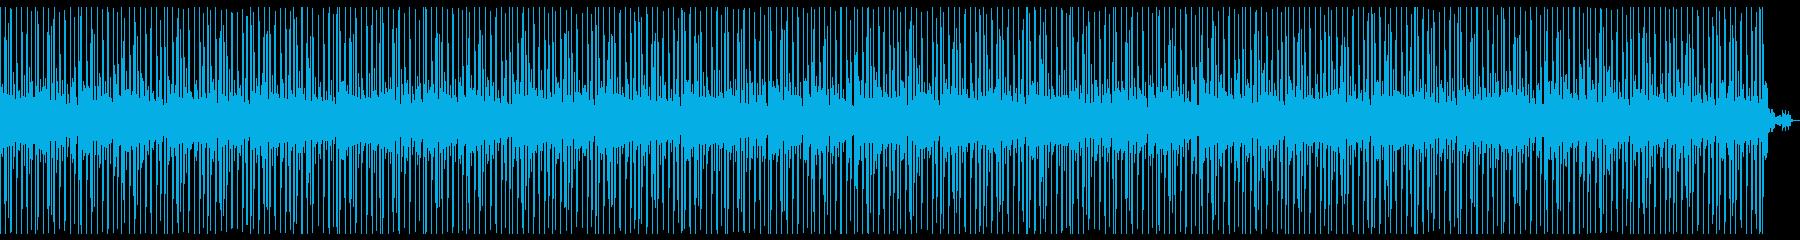 スマートシティなBGM_ほのぼの近未来感の再生済みの波形